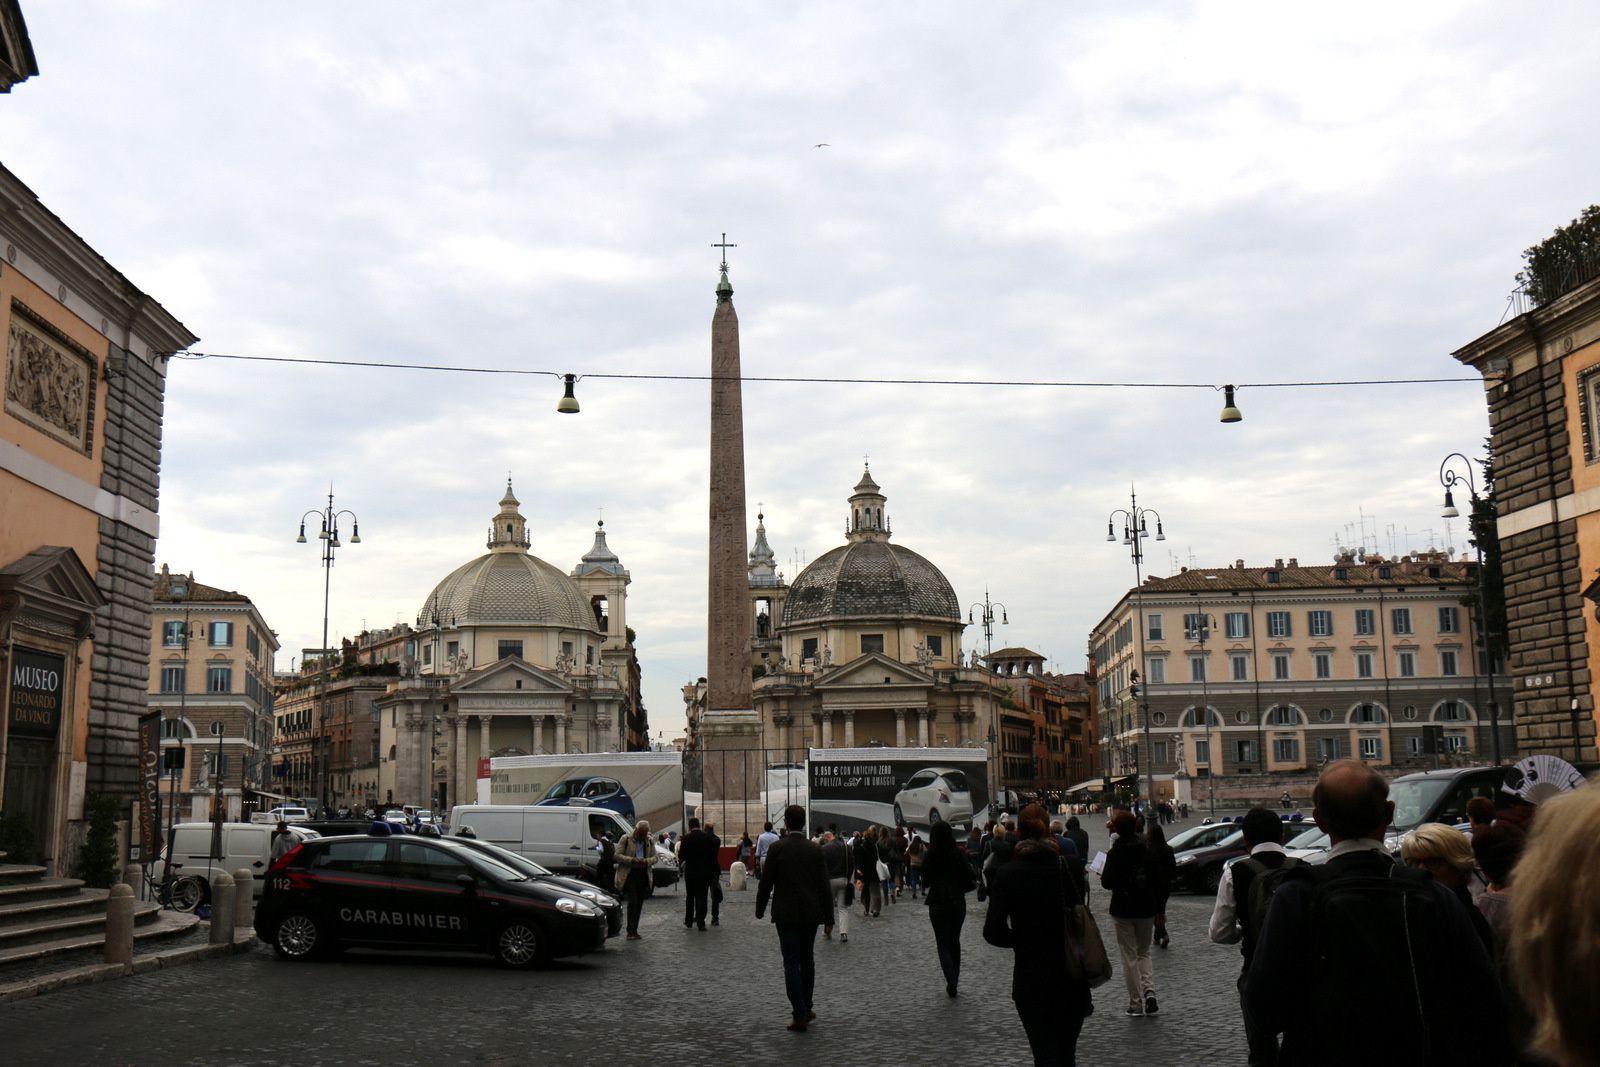 La Plazza del Popolo, Rome